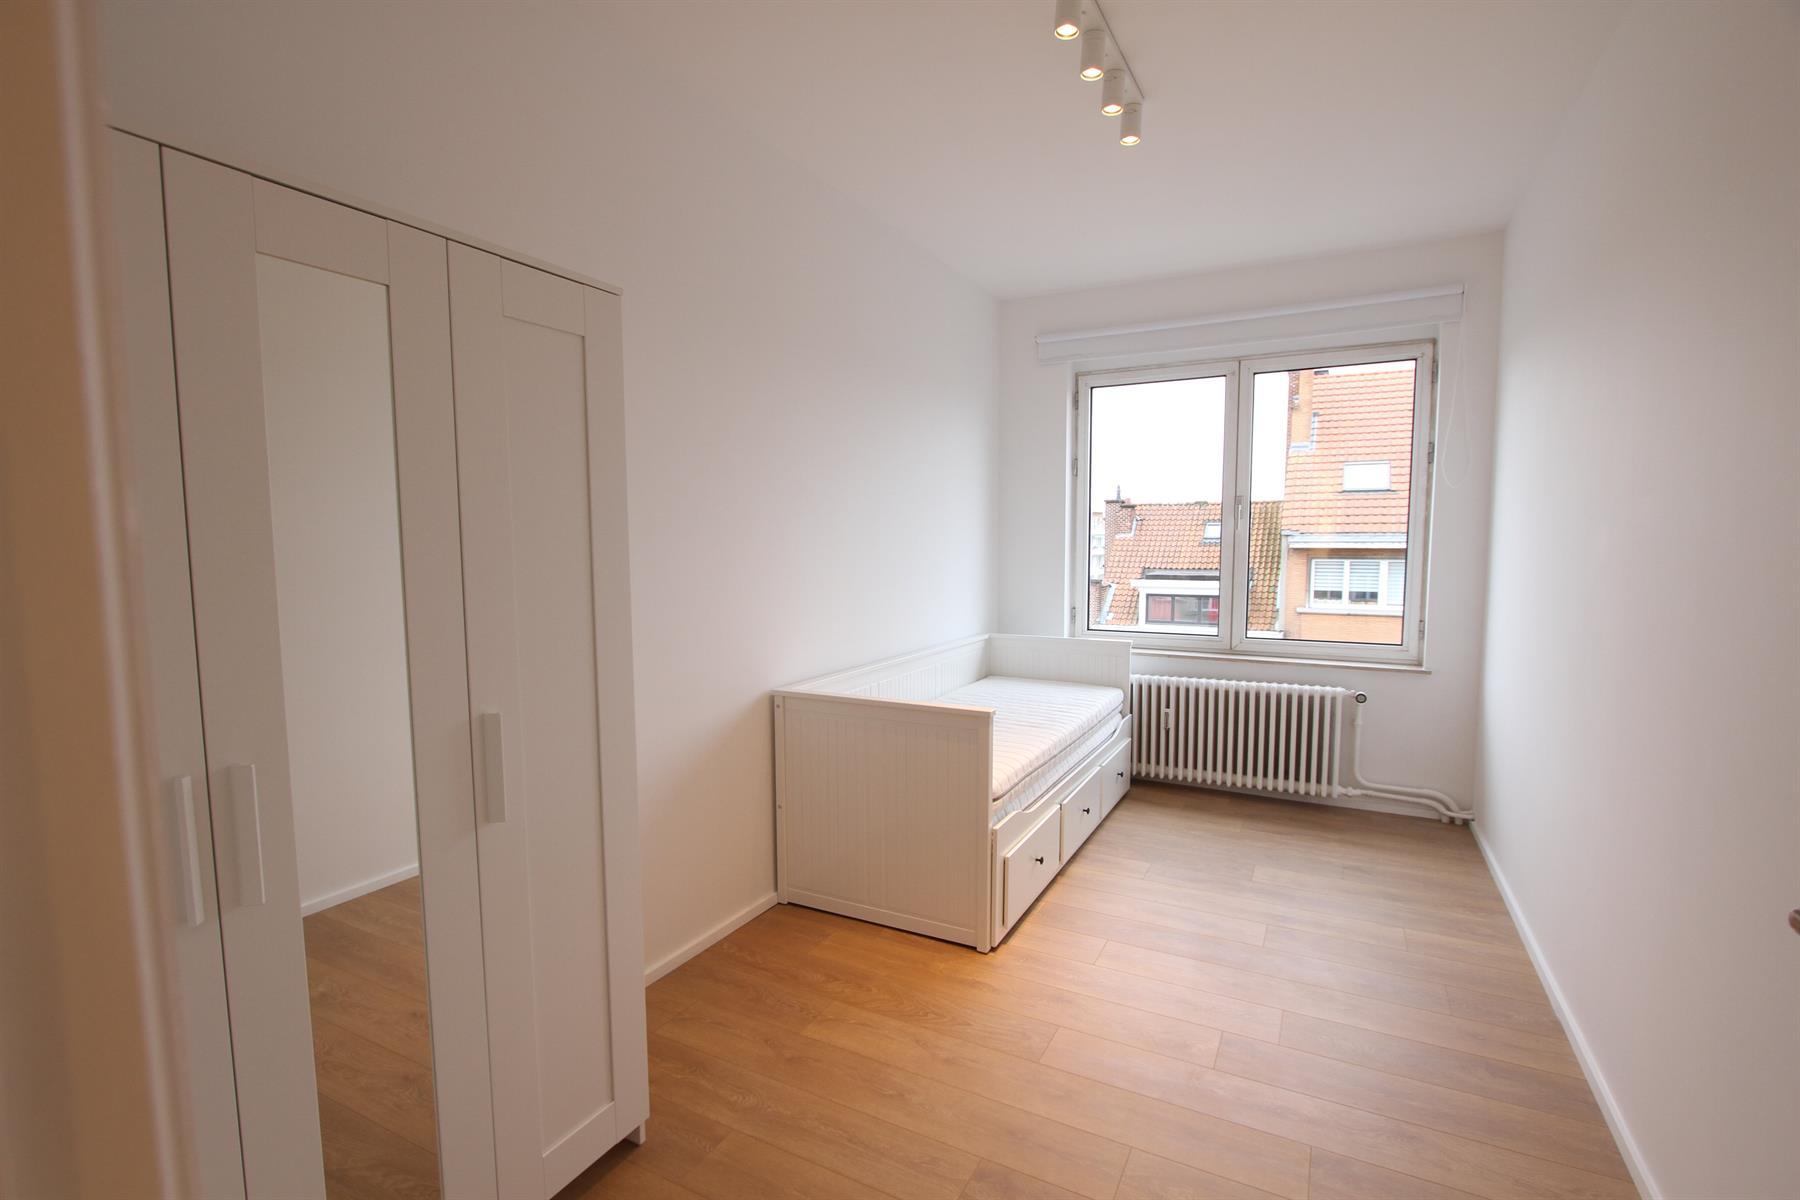 Appartement - Ixelles - #3973978-8